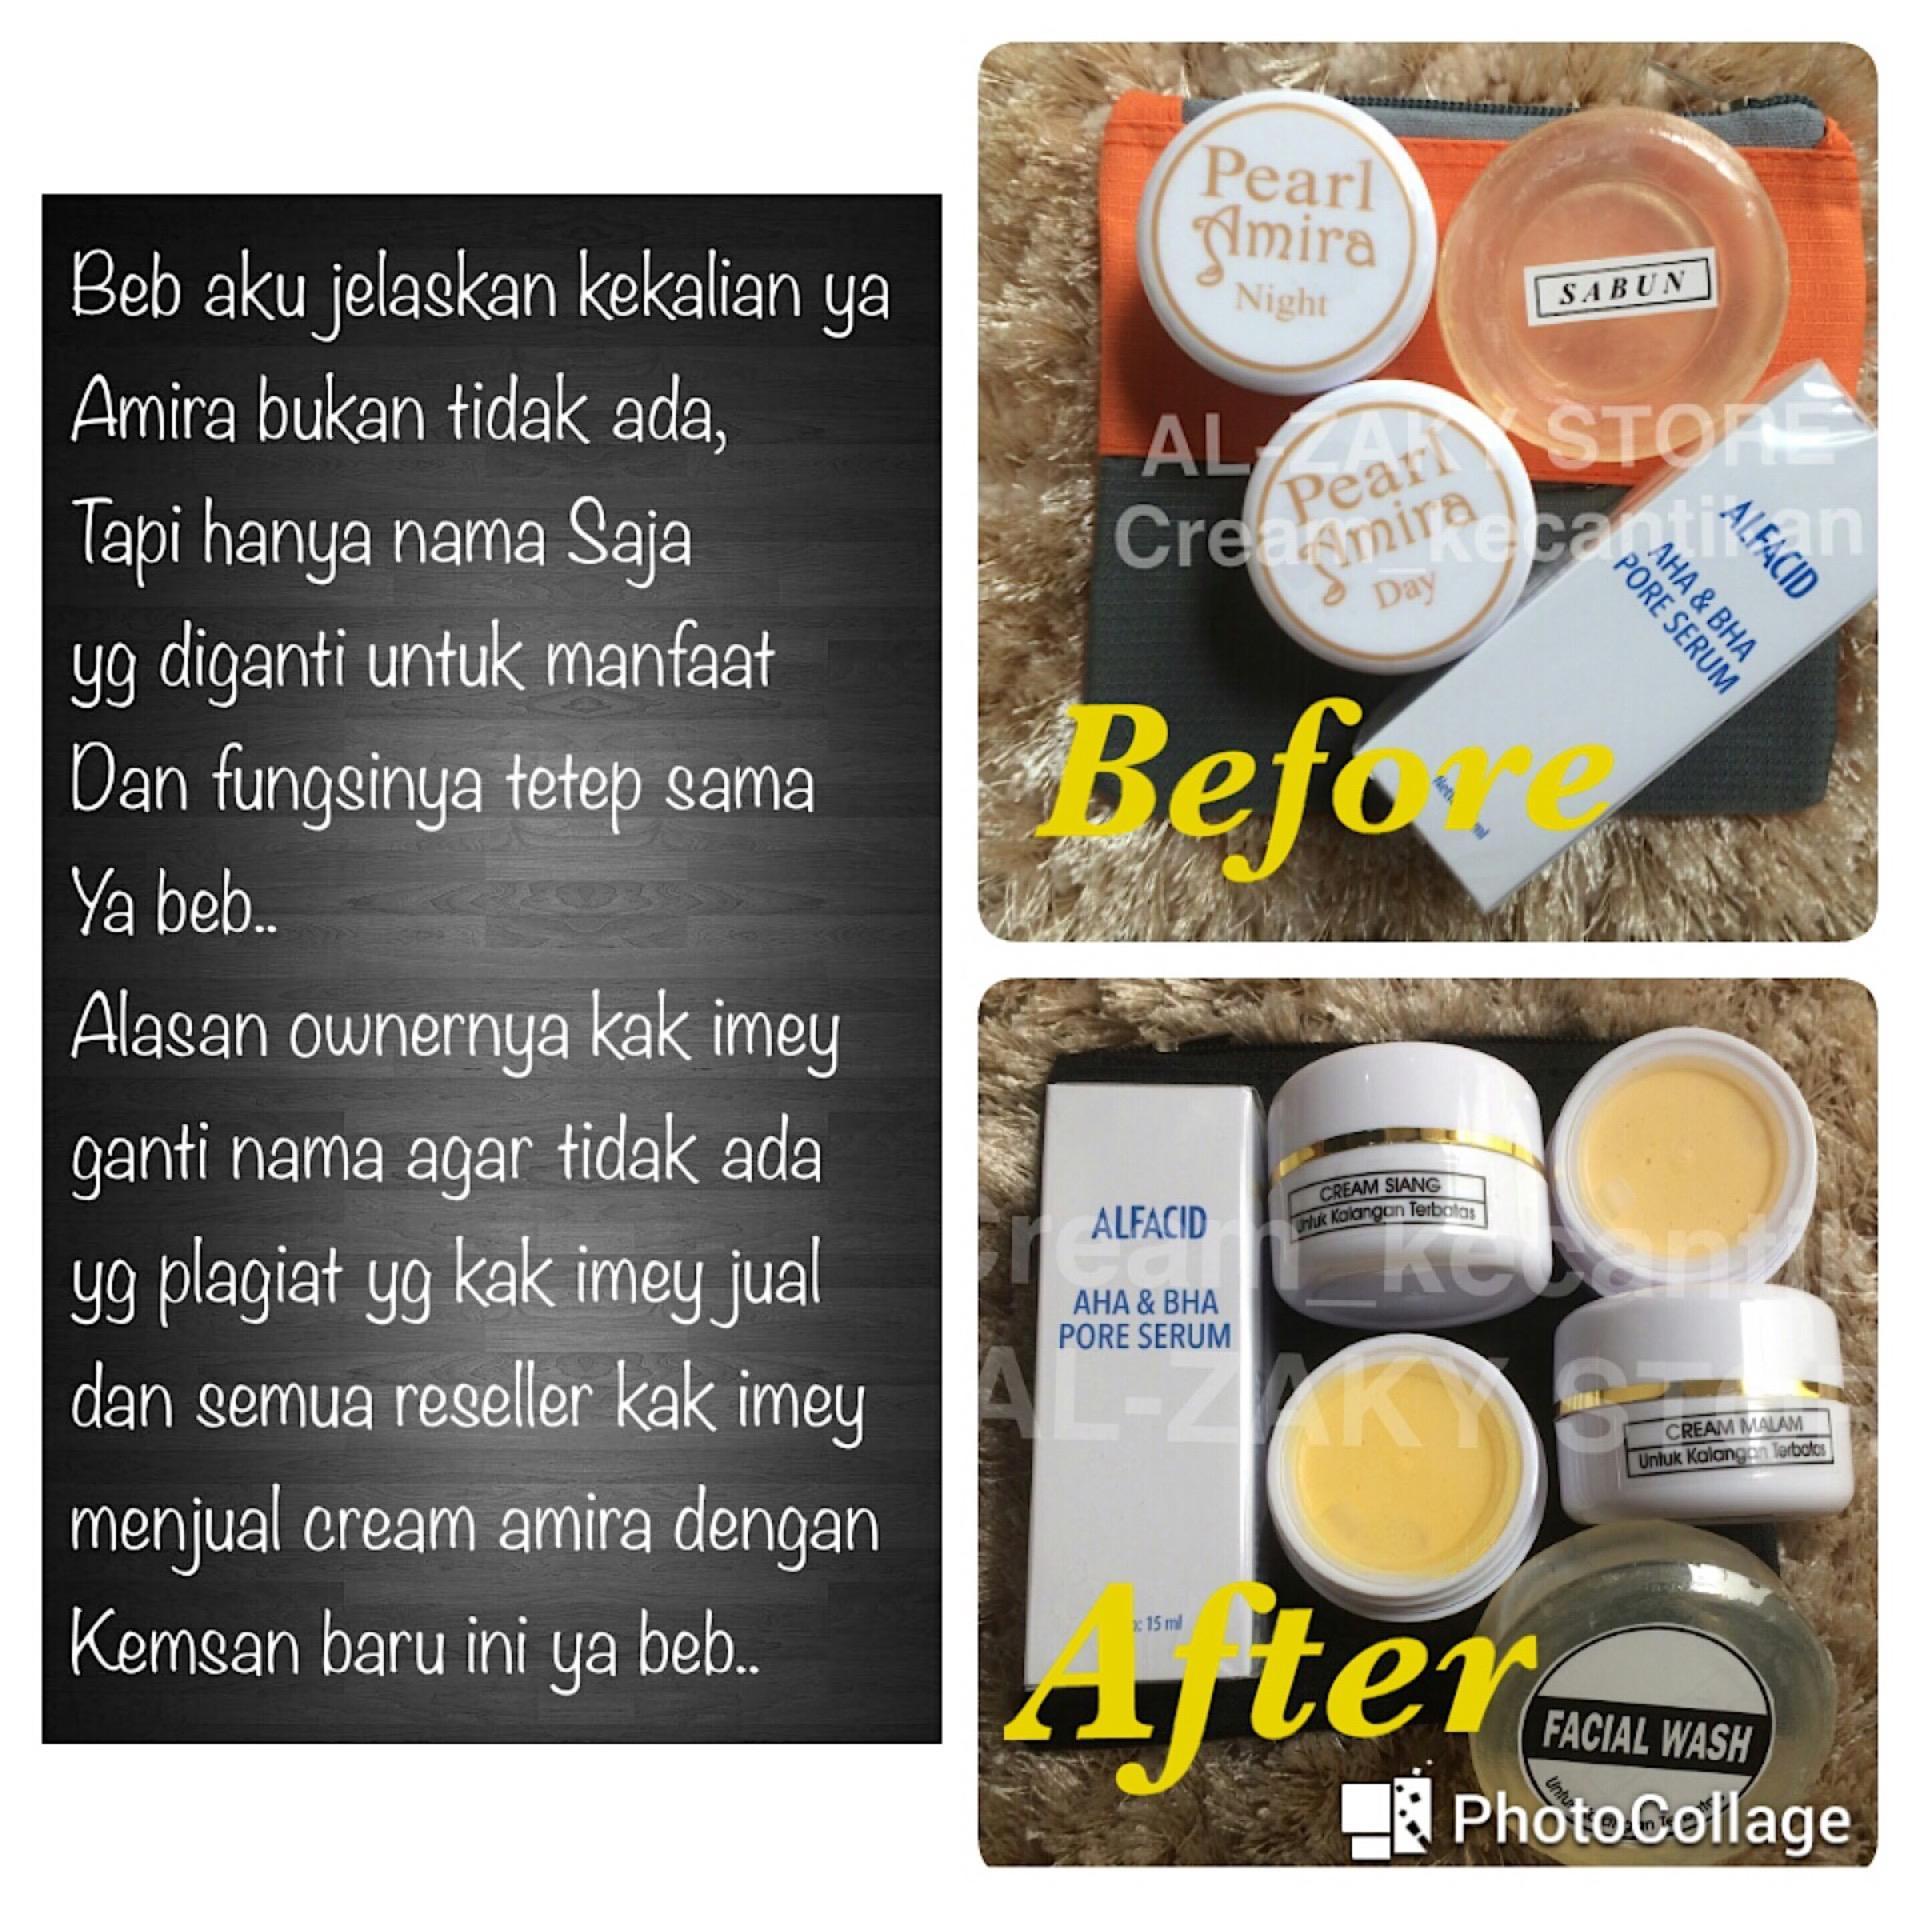 Cek Penjualan New Cream Amira Glowing Shining Sabun Batang Reseller Glansie Skincare Paket Normal Serum Aha Kak Imey